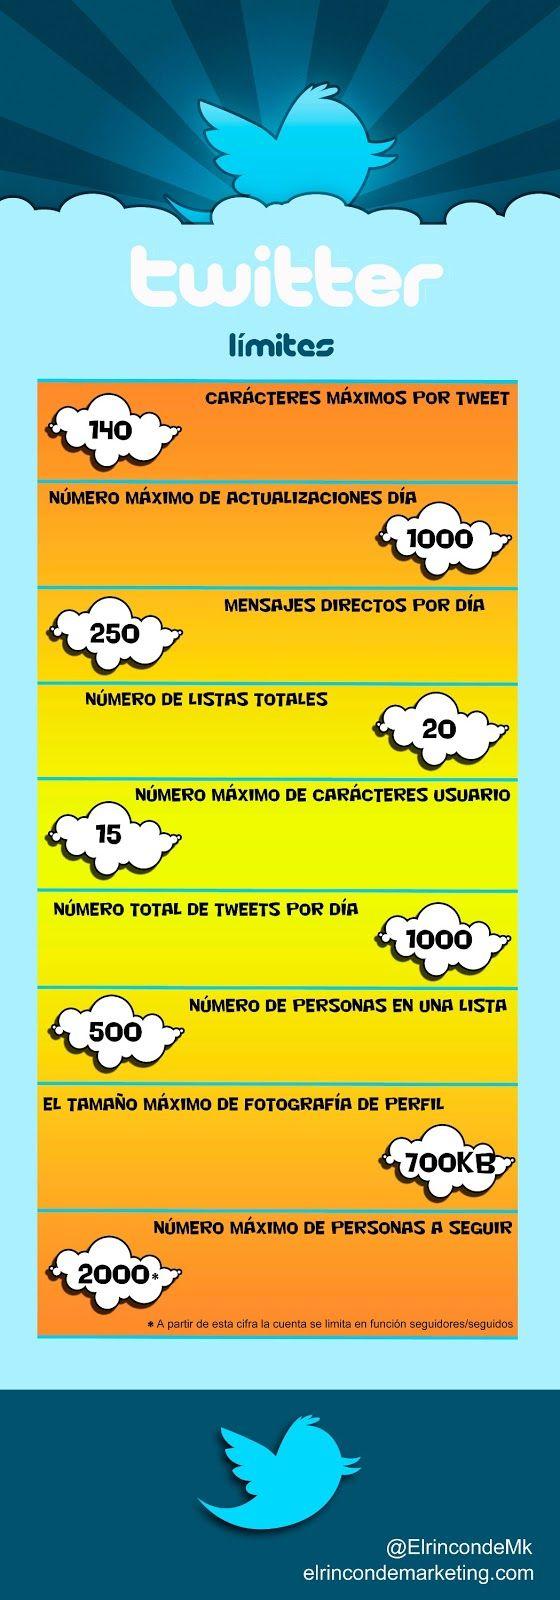 ¿Conoces los límites de la red social Twitter? #Infografía en español